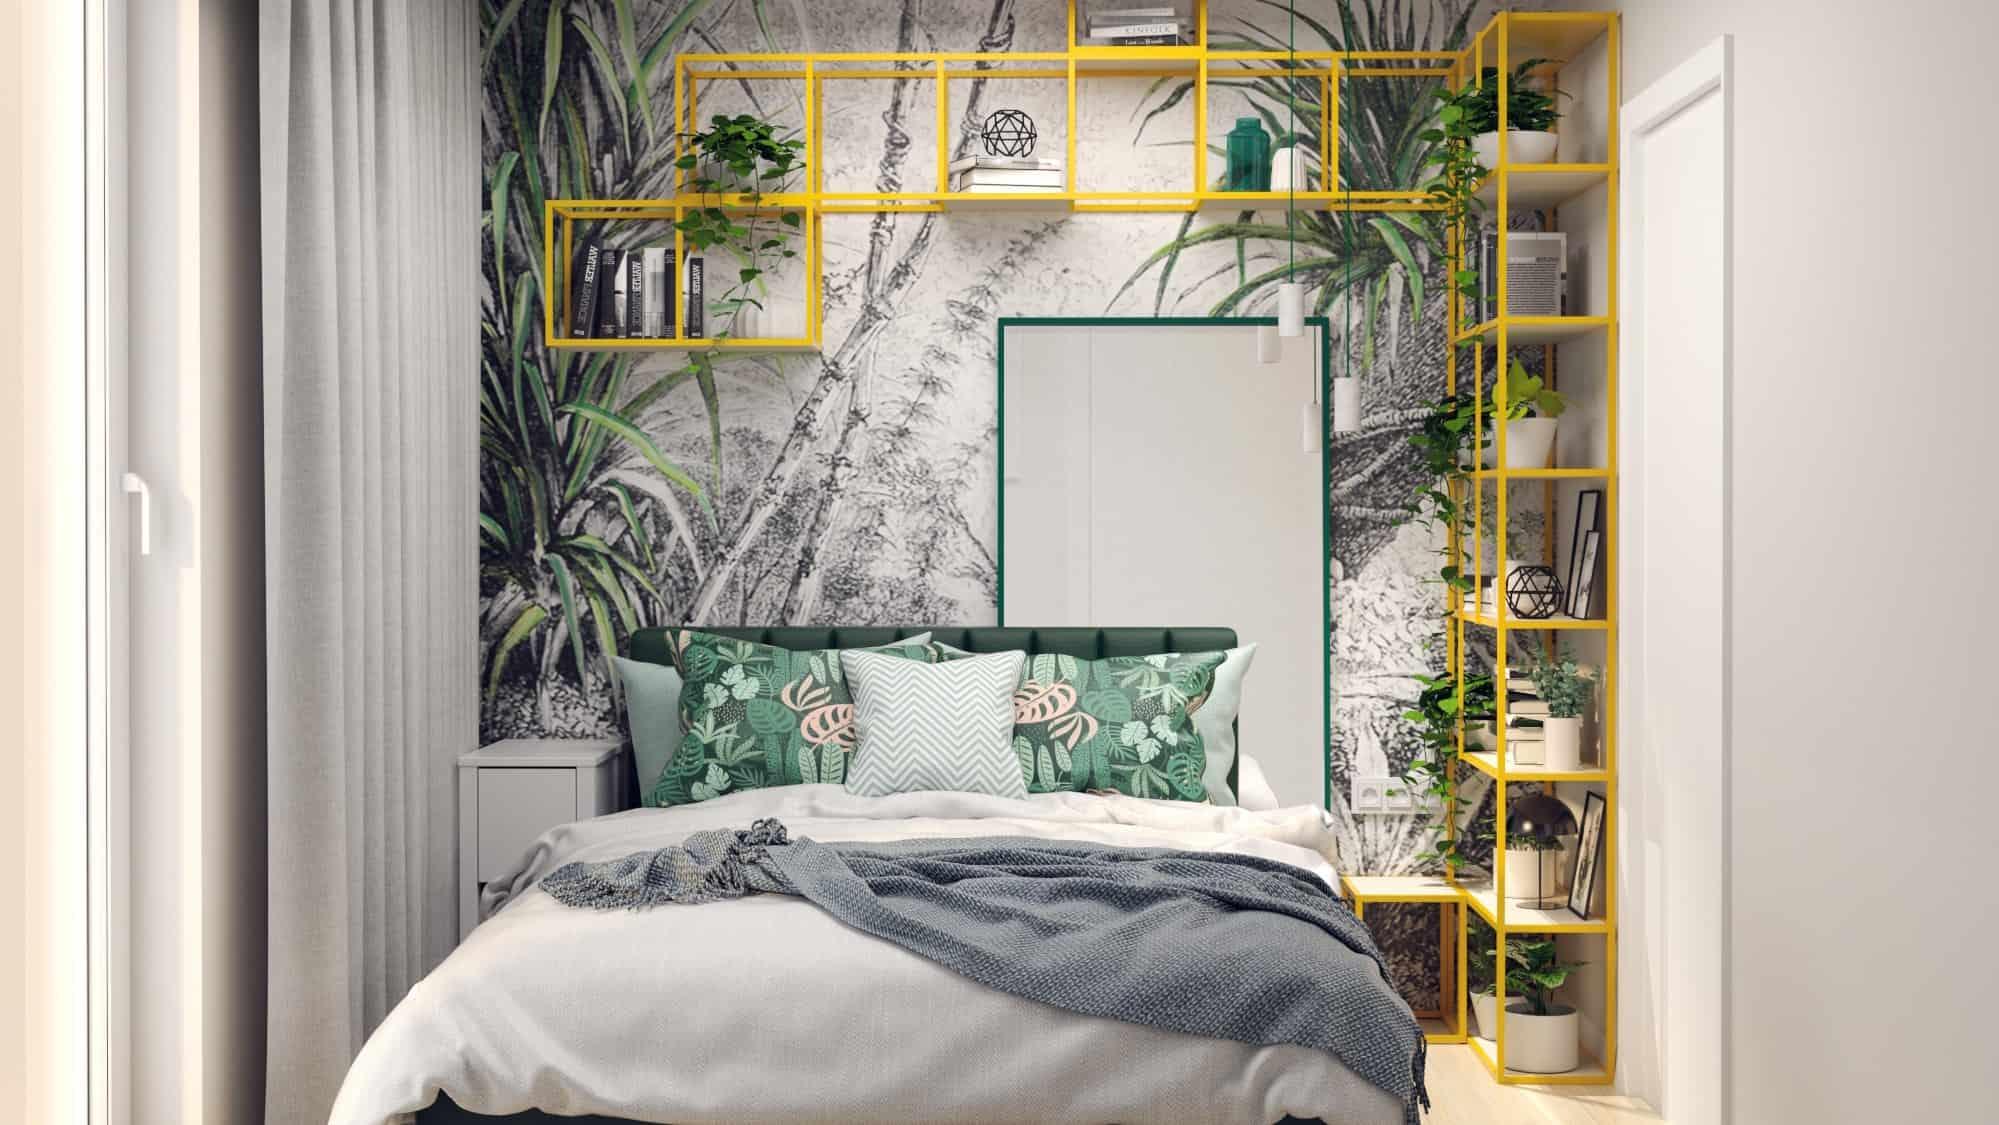 Sypialnia z żółtymi regałami